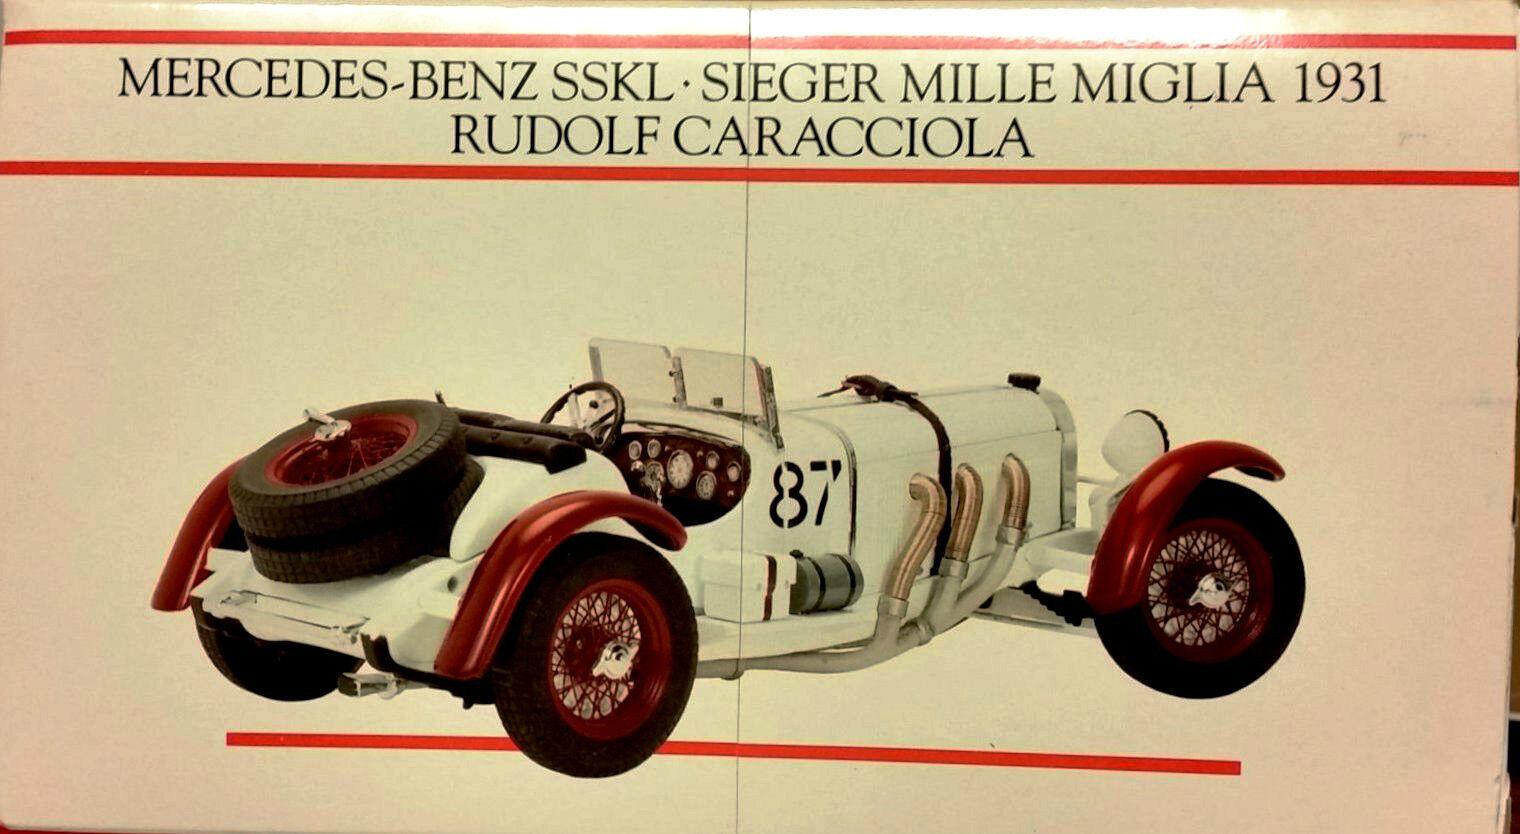 MINICHAMPS MERCEDES BENZ SSKL Winner Mille Rudolf Caracciola mastab 1 24